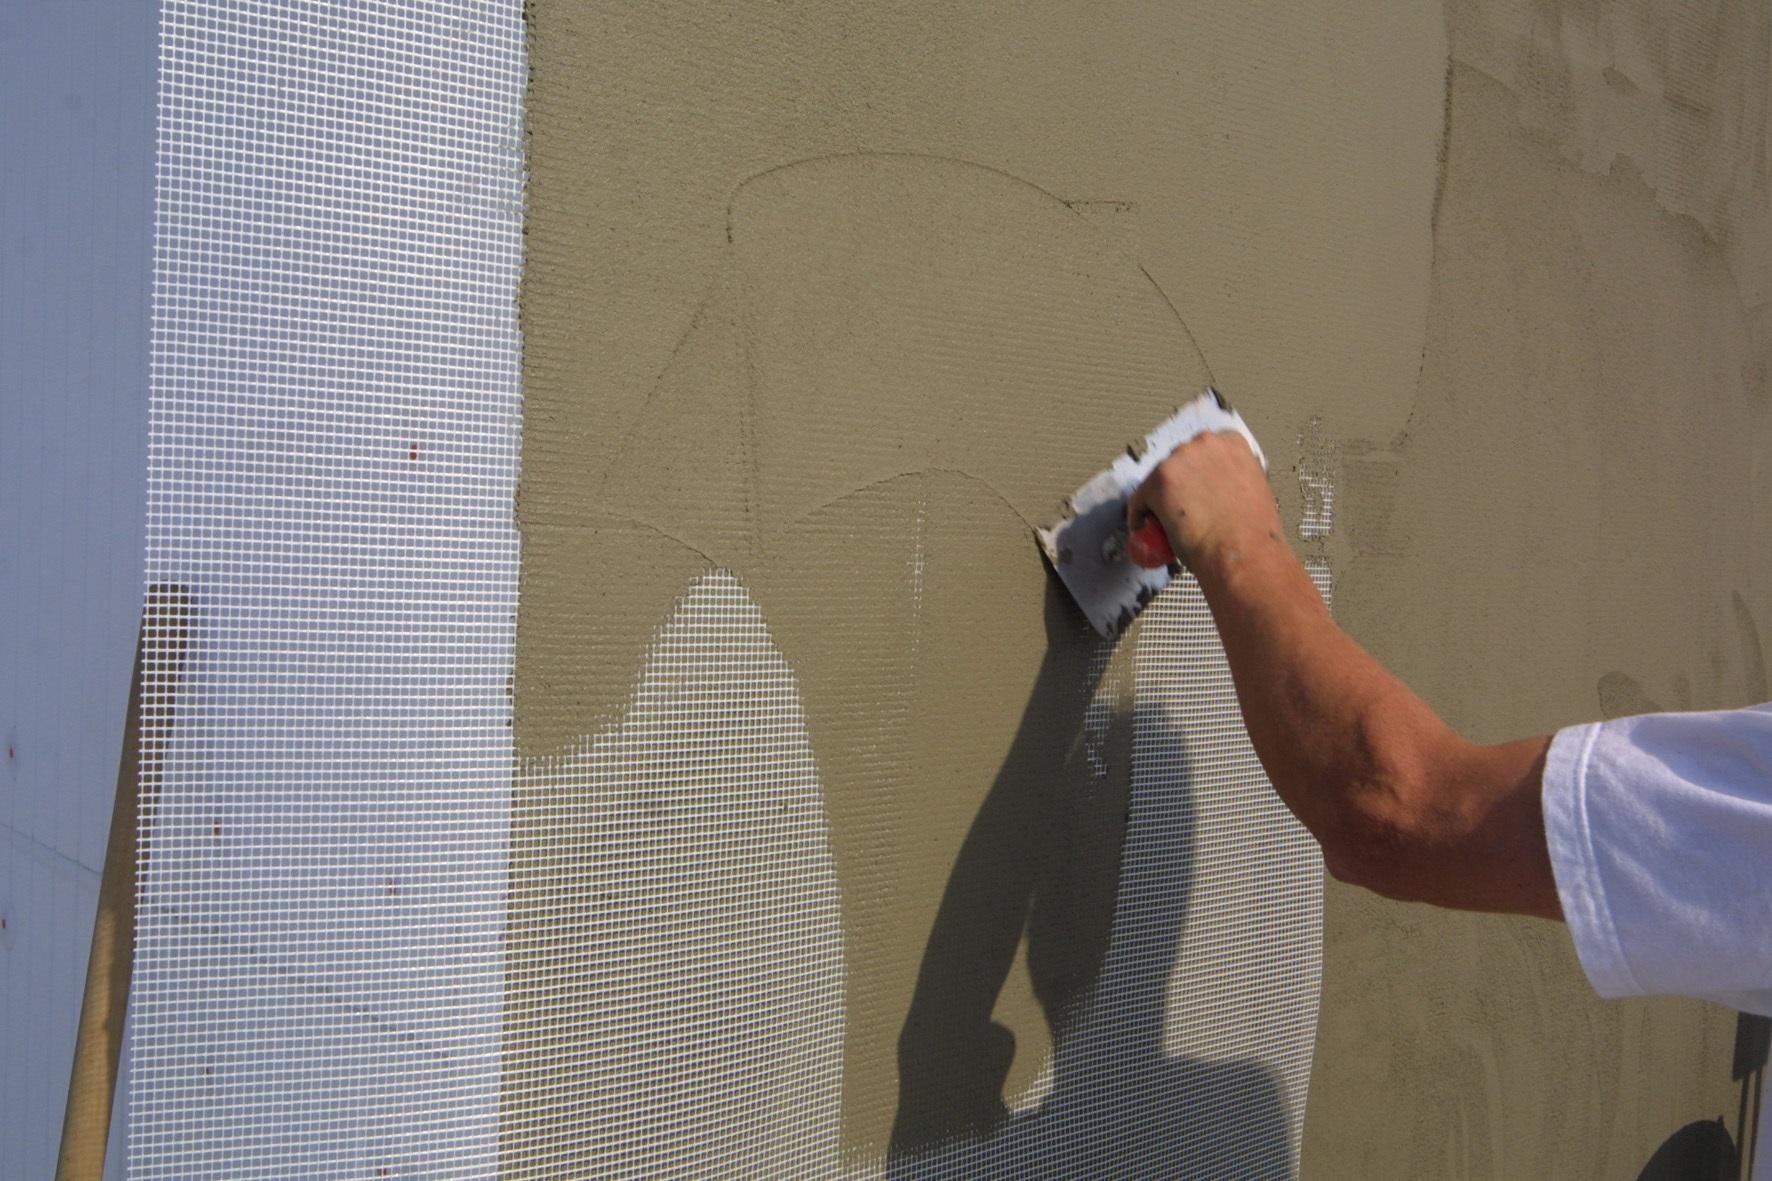 Marouflage de l'armature de verre dans la couche de base puis redoublage